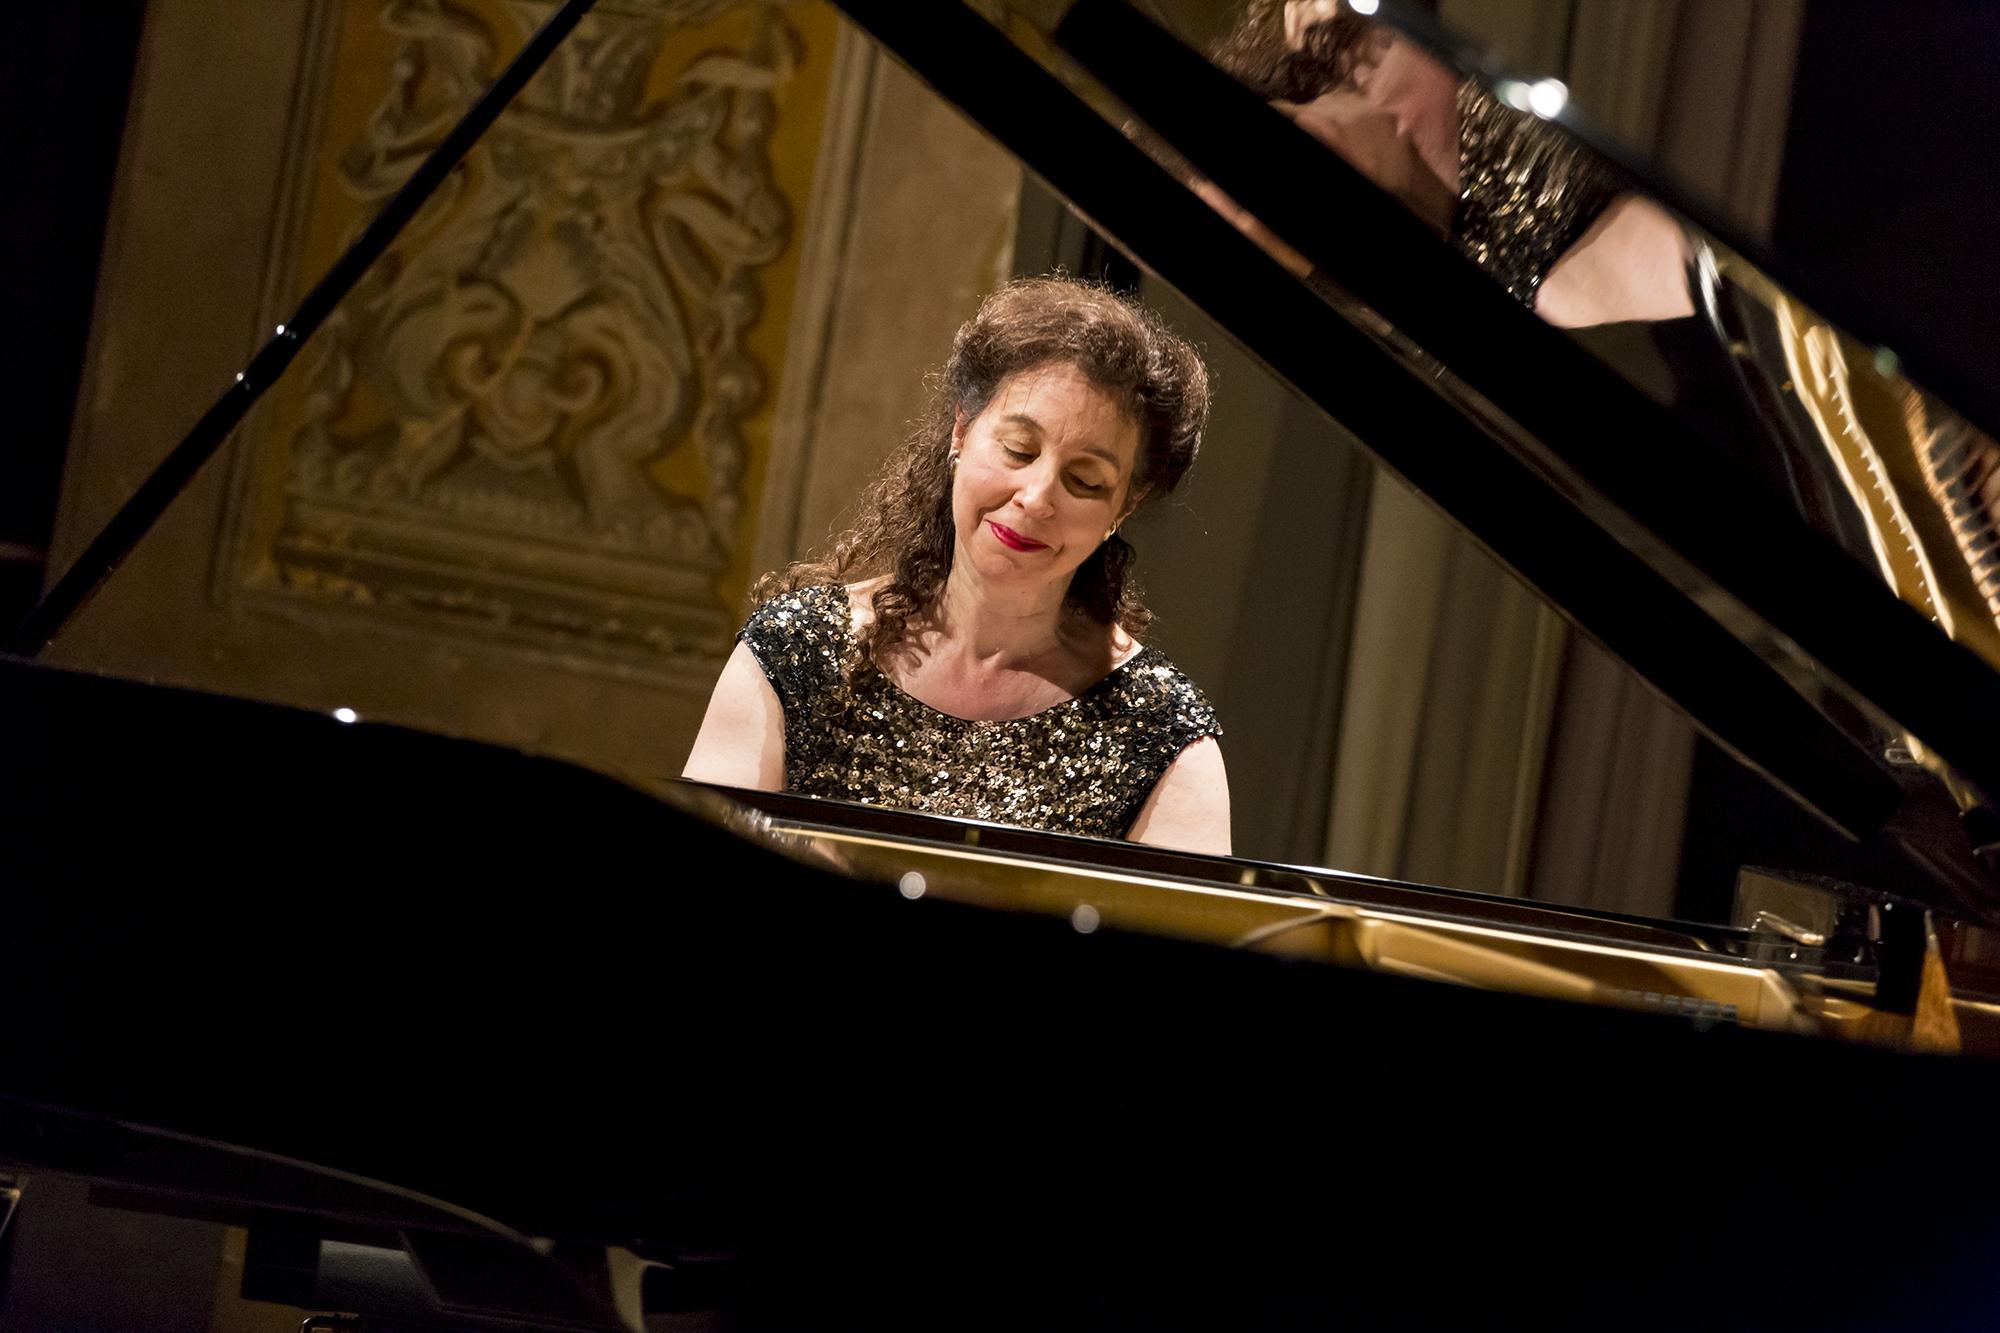 Angela Hewitt a Cortona, pochi giorni all'evento al Signorelli